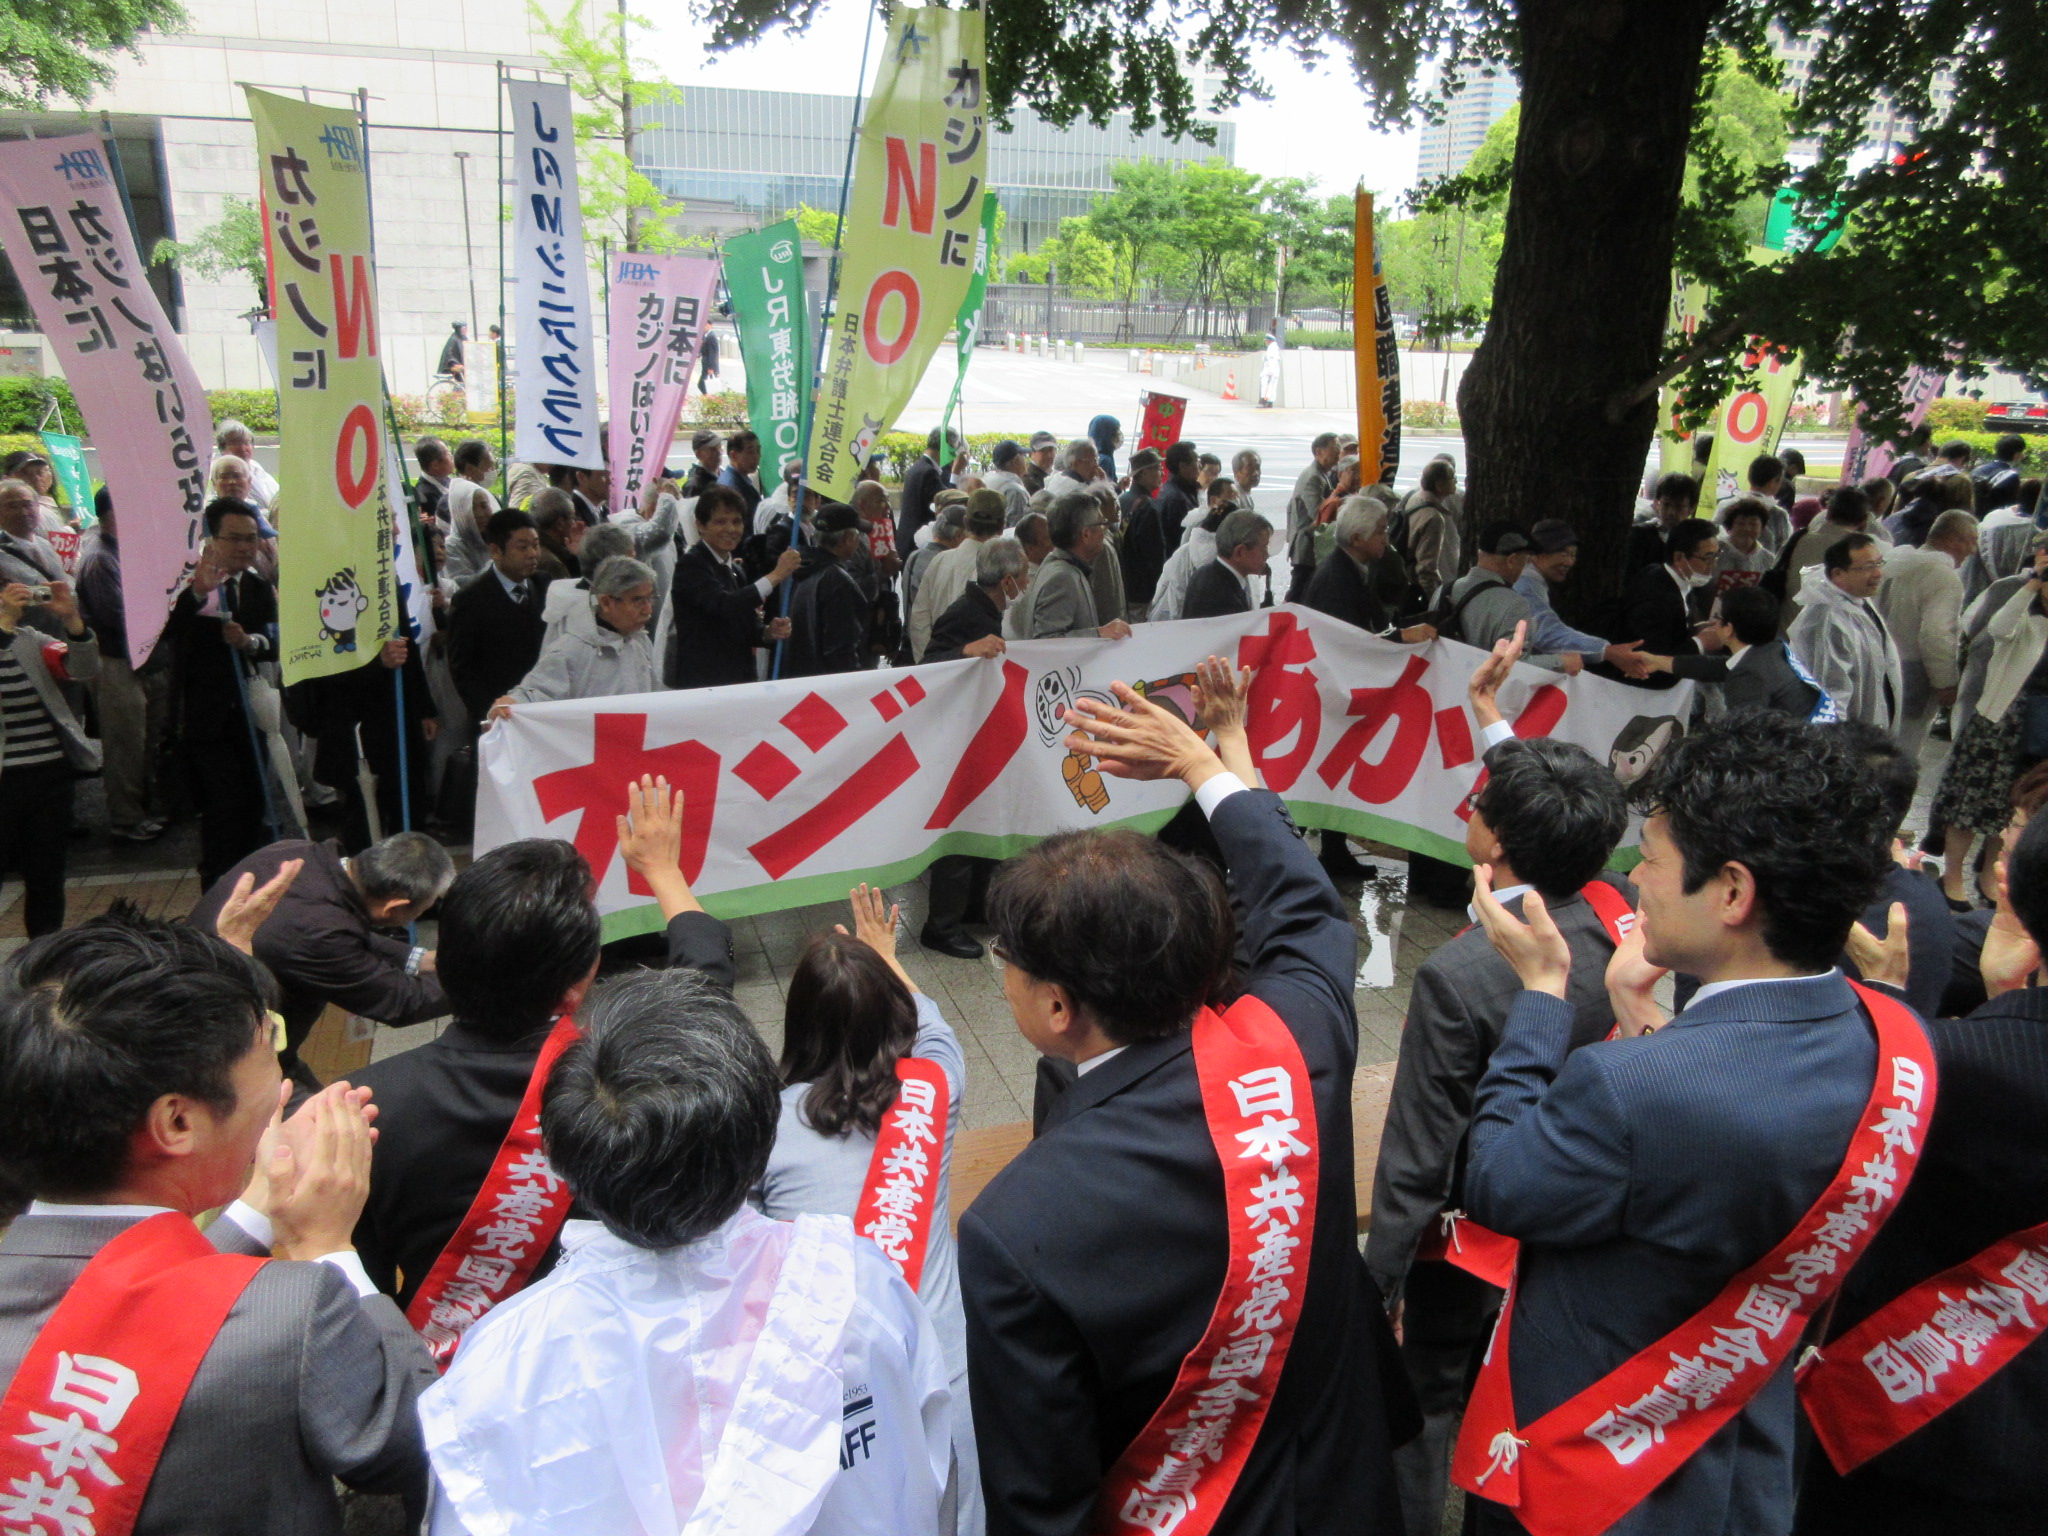 http://www.inoue-satoshi.com/diary/IMG_4801.JPG